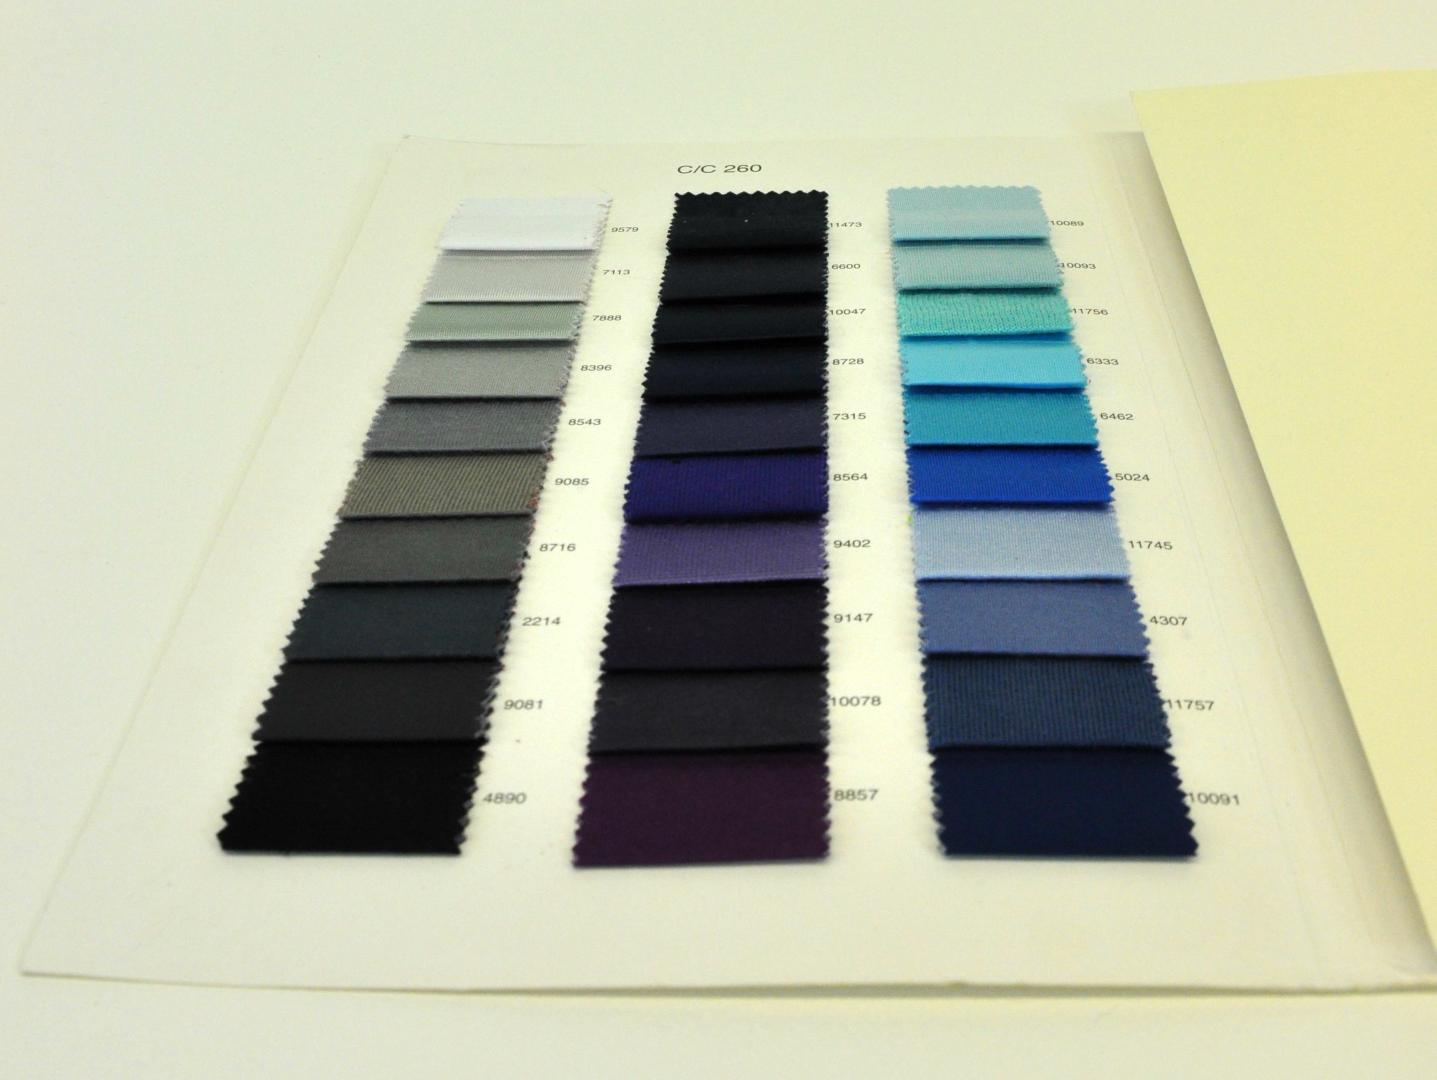 Tortora tessuto tecnico dove grey technical fabric - Tessuto Elasticizzato Ripiegato Cartella Colore Colori Centro Campionari